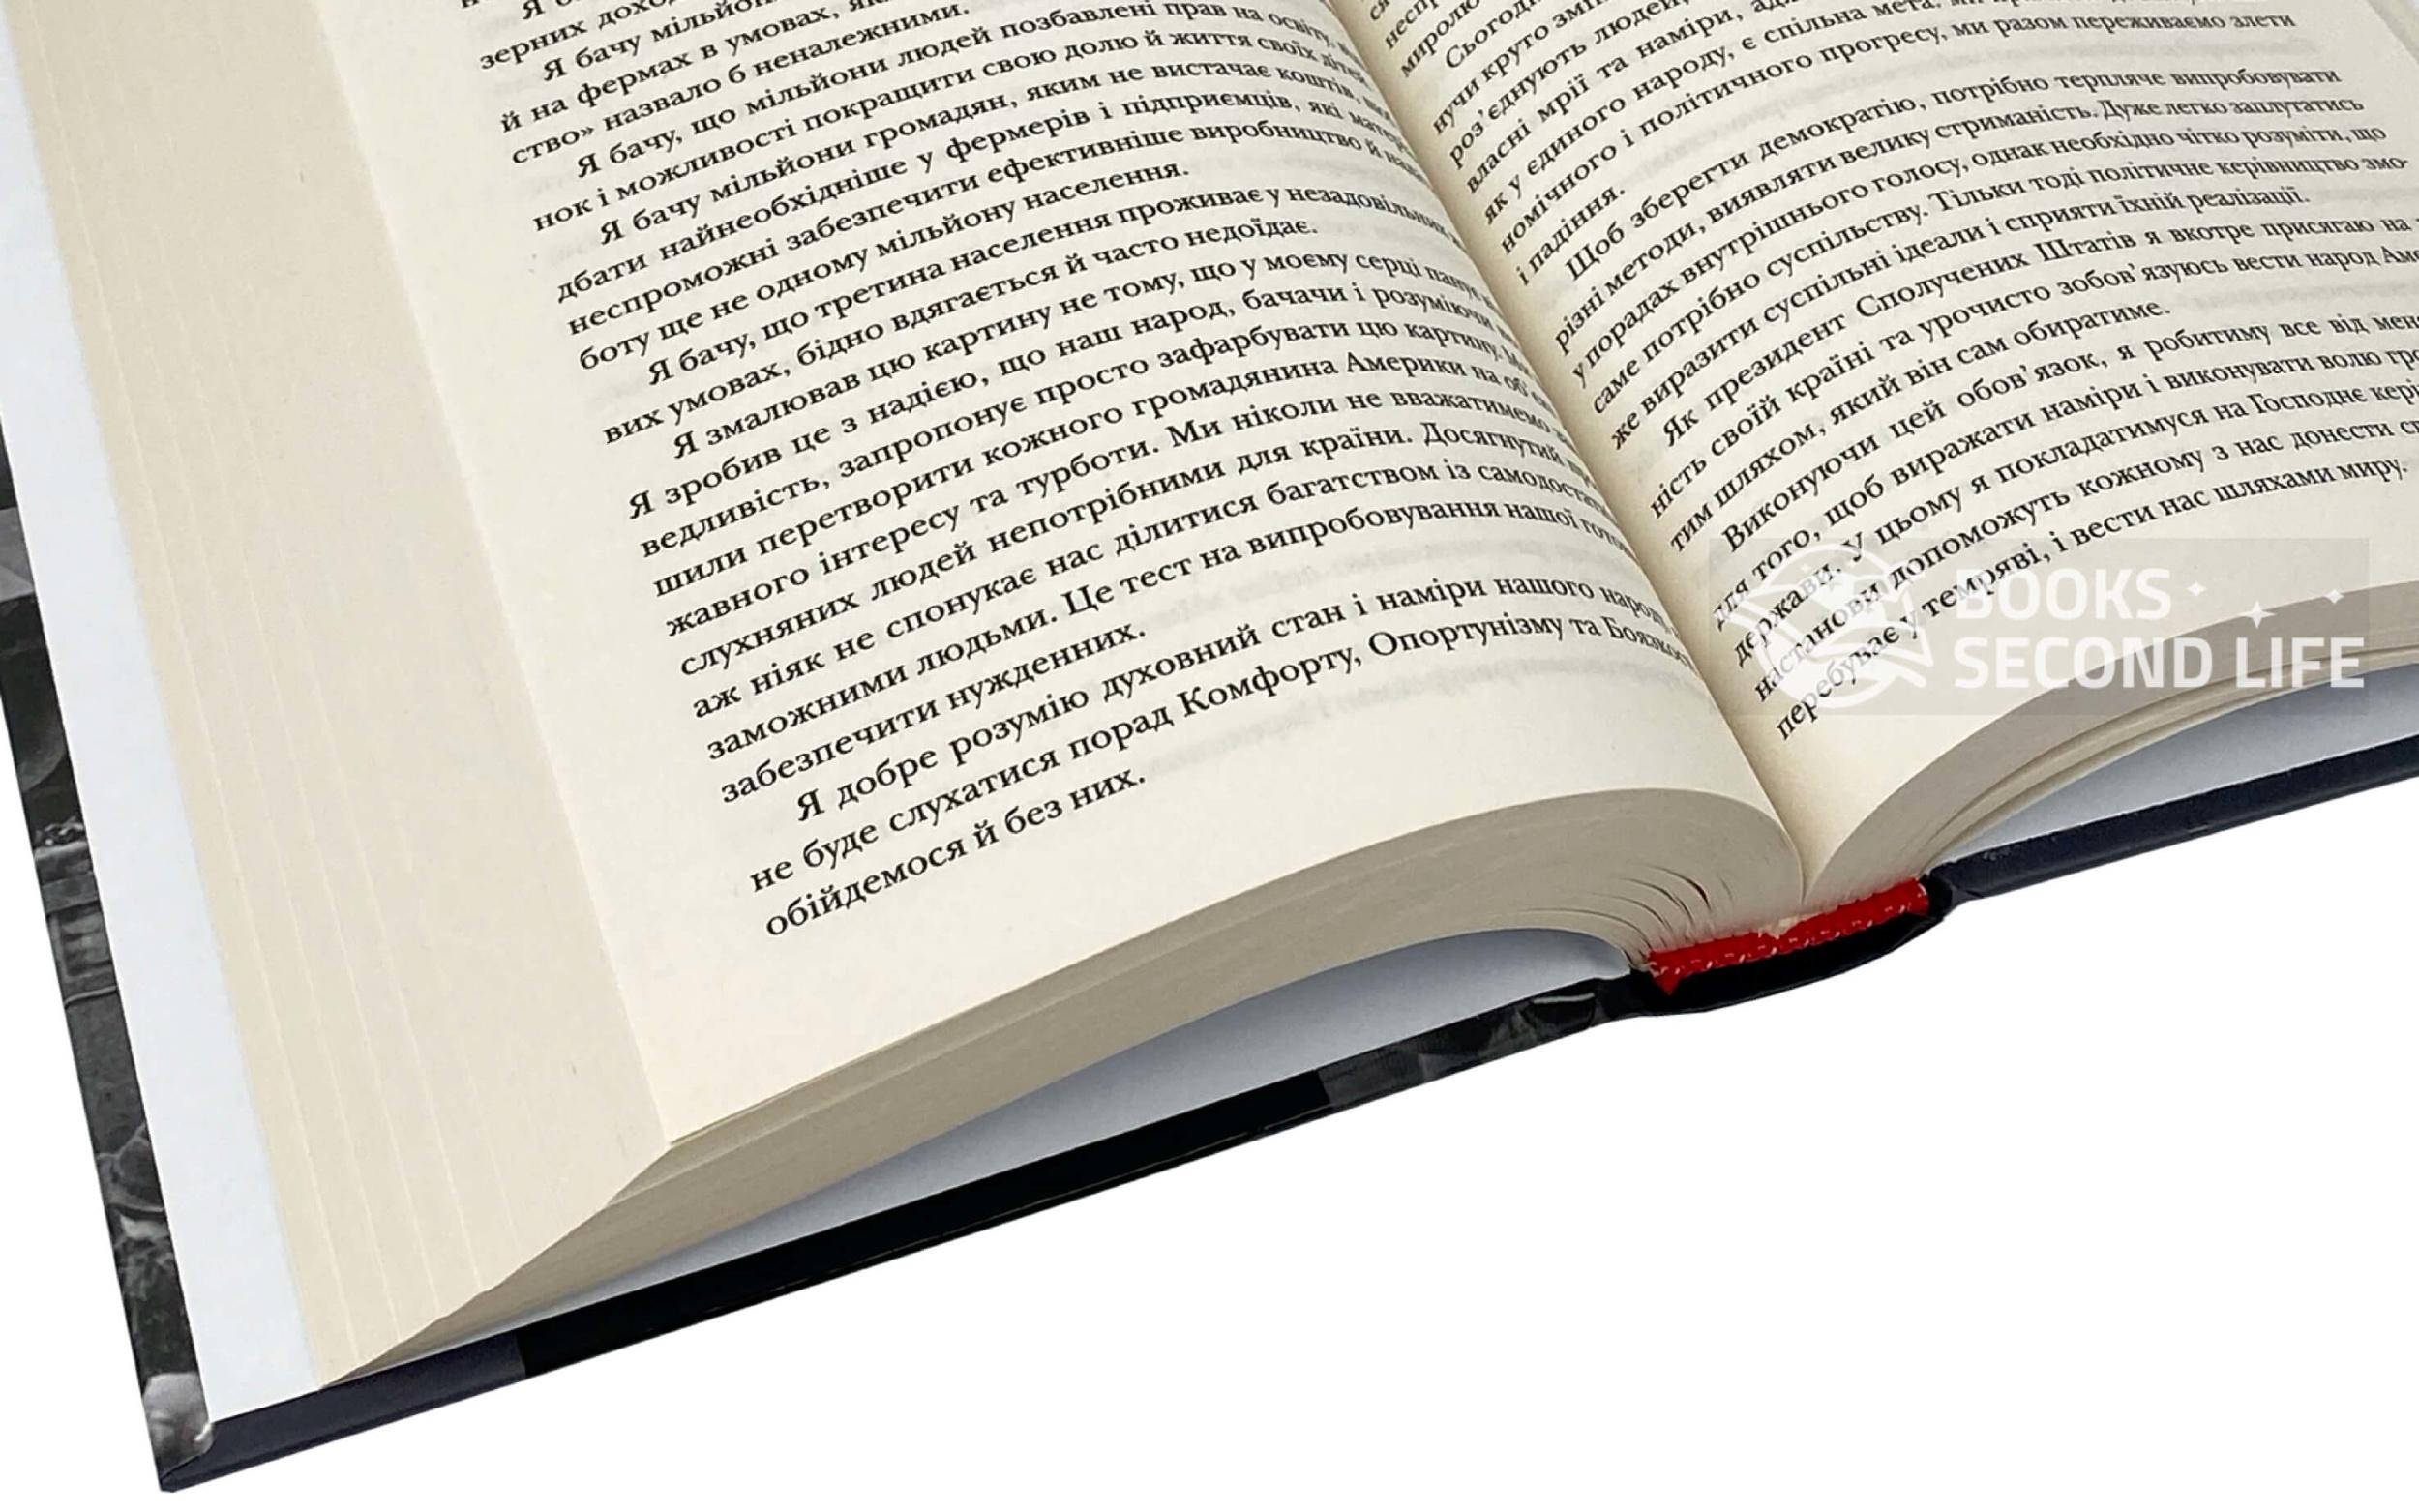 Слова, що лунають крізь час. Найважливіші промови в історії людства, які змінили наш світ. Автор — Терри Голуэй.